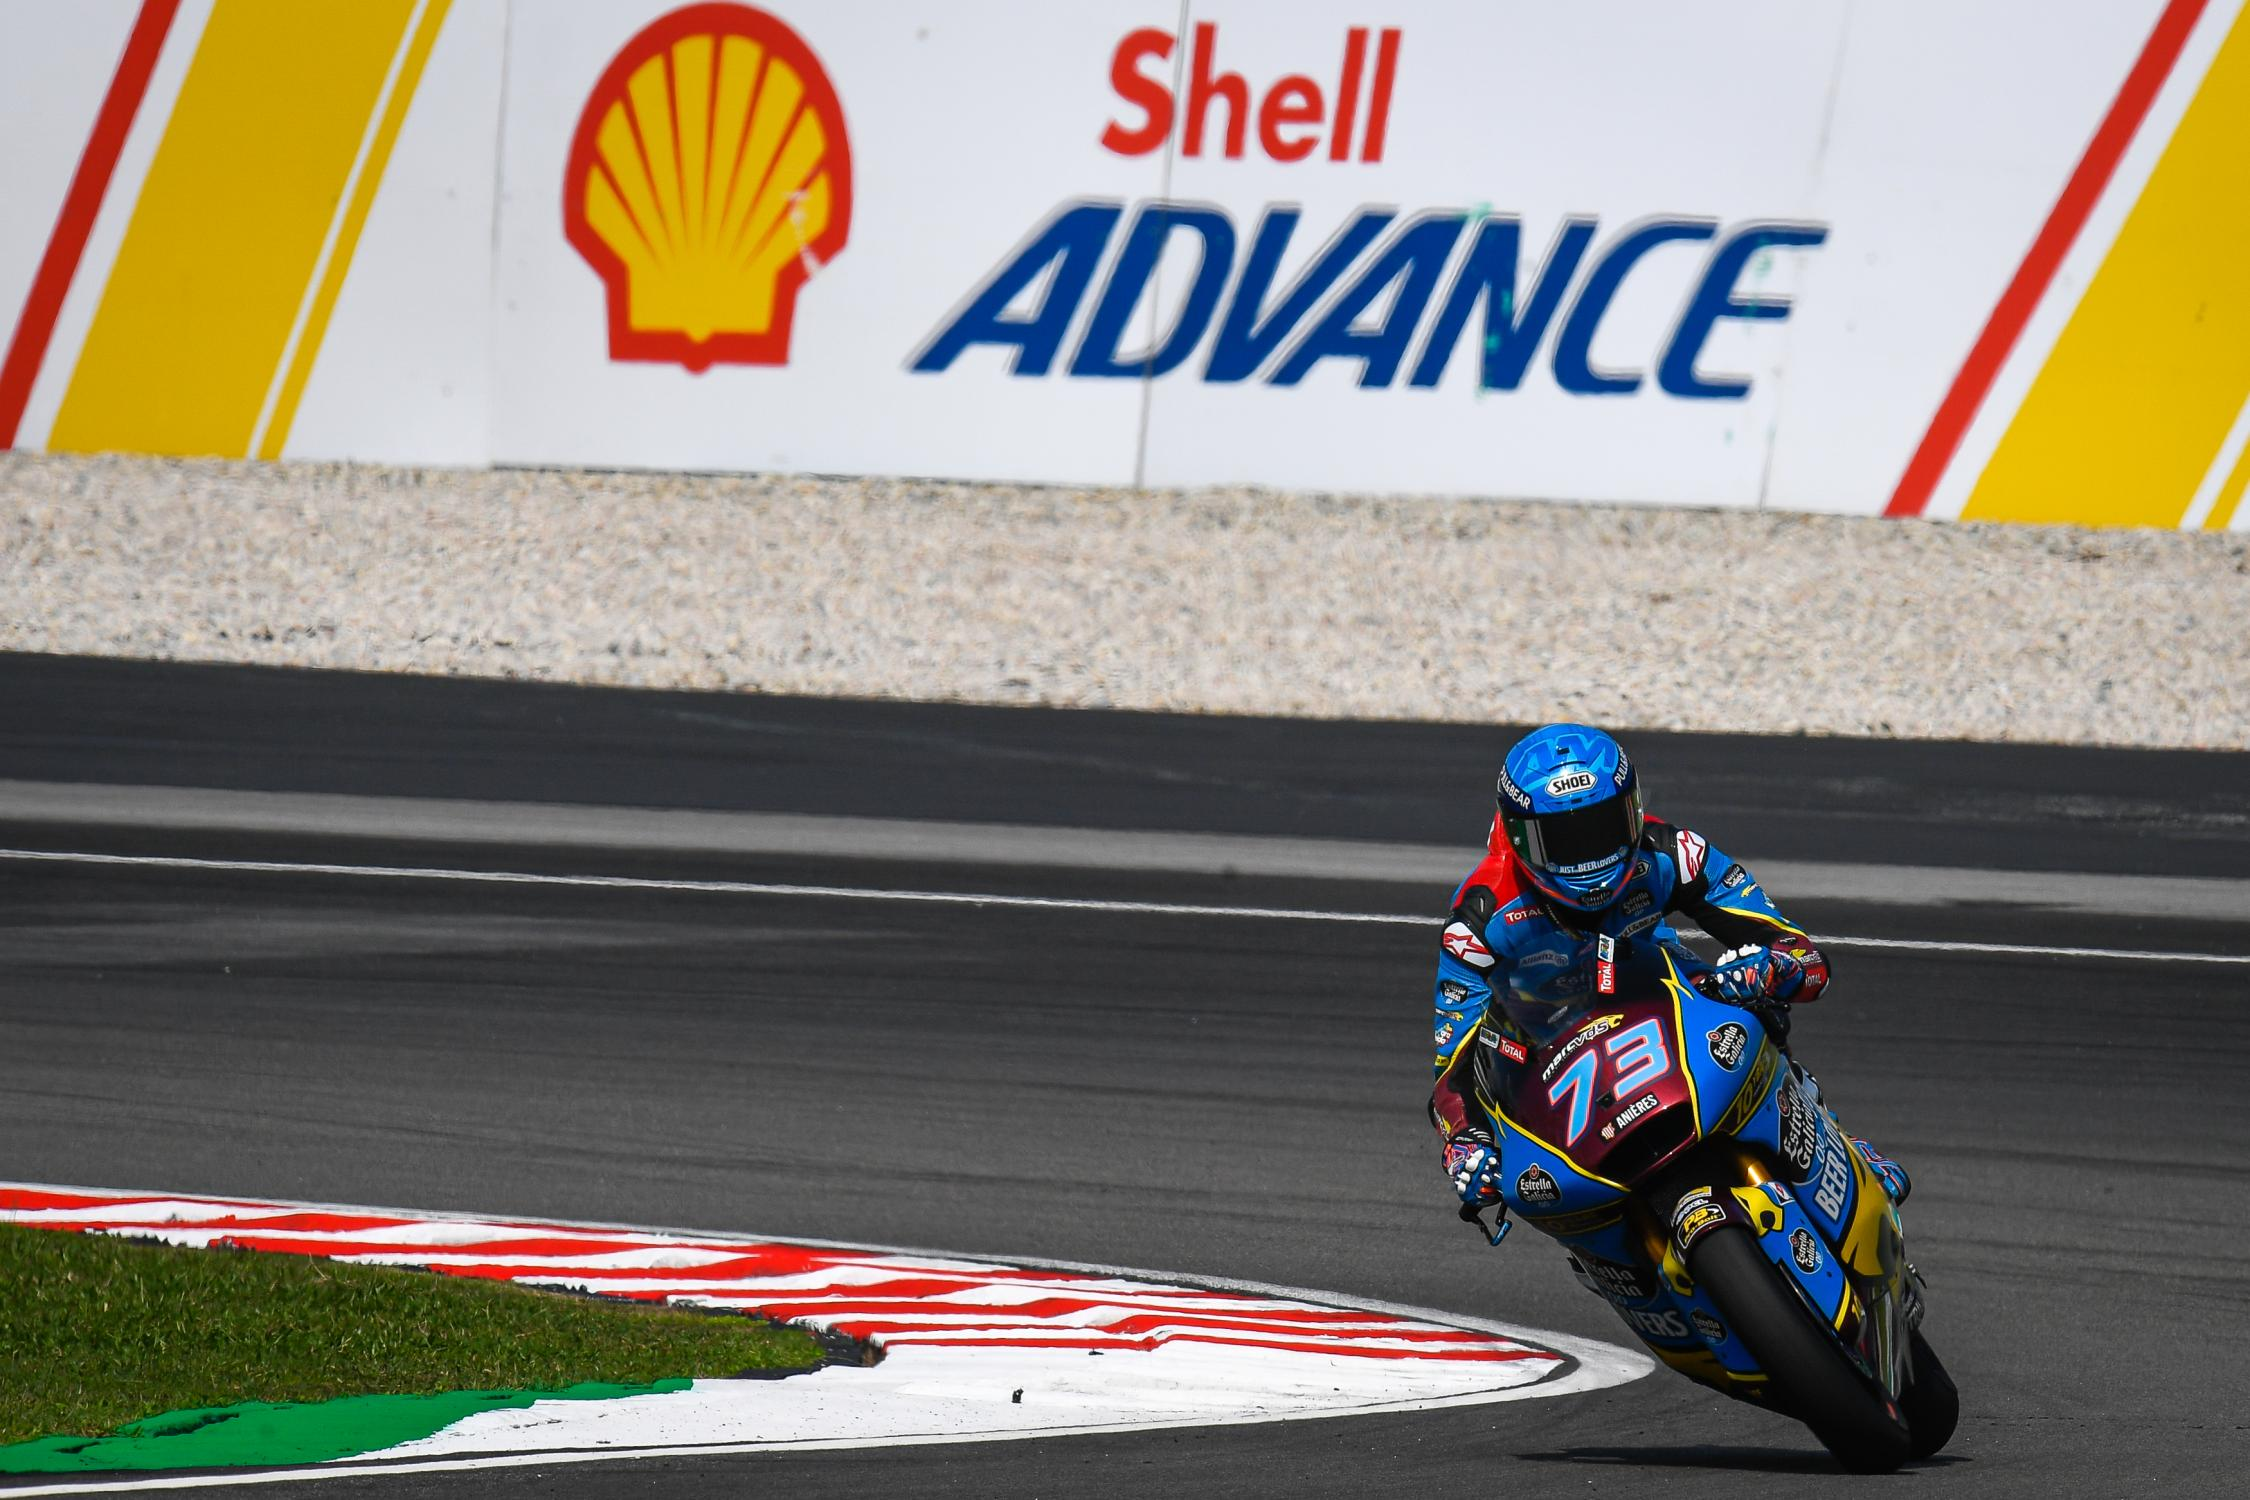 Výsledky závodů MotoGP Malajsie 2019